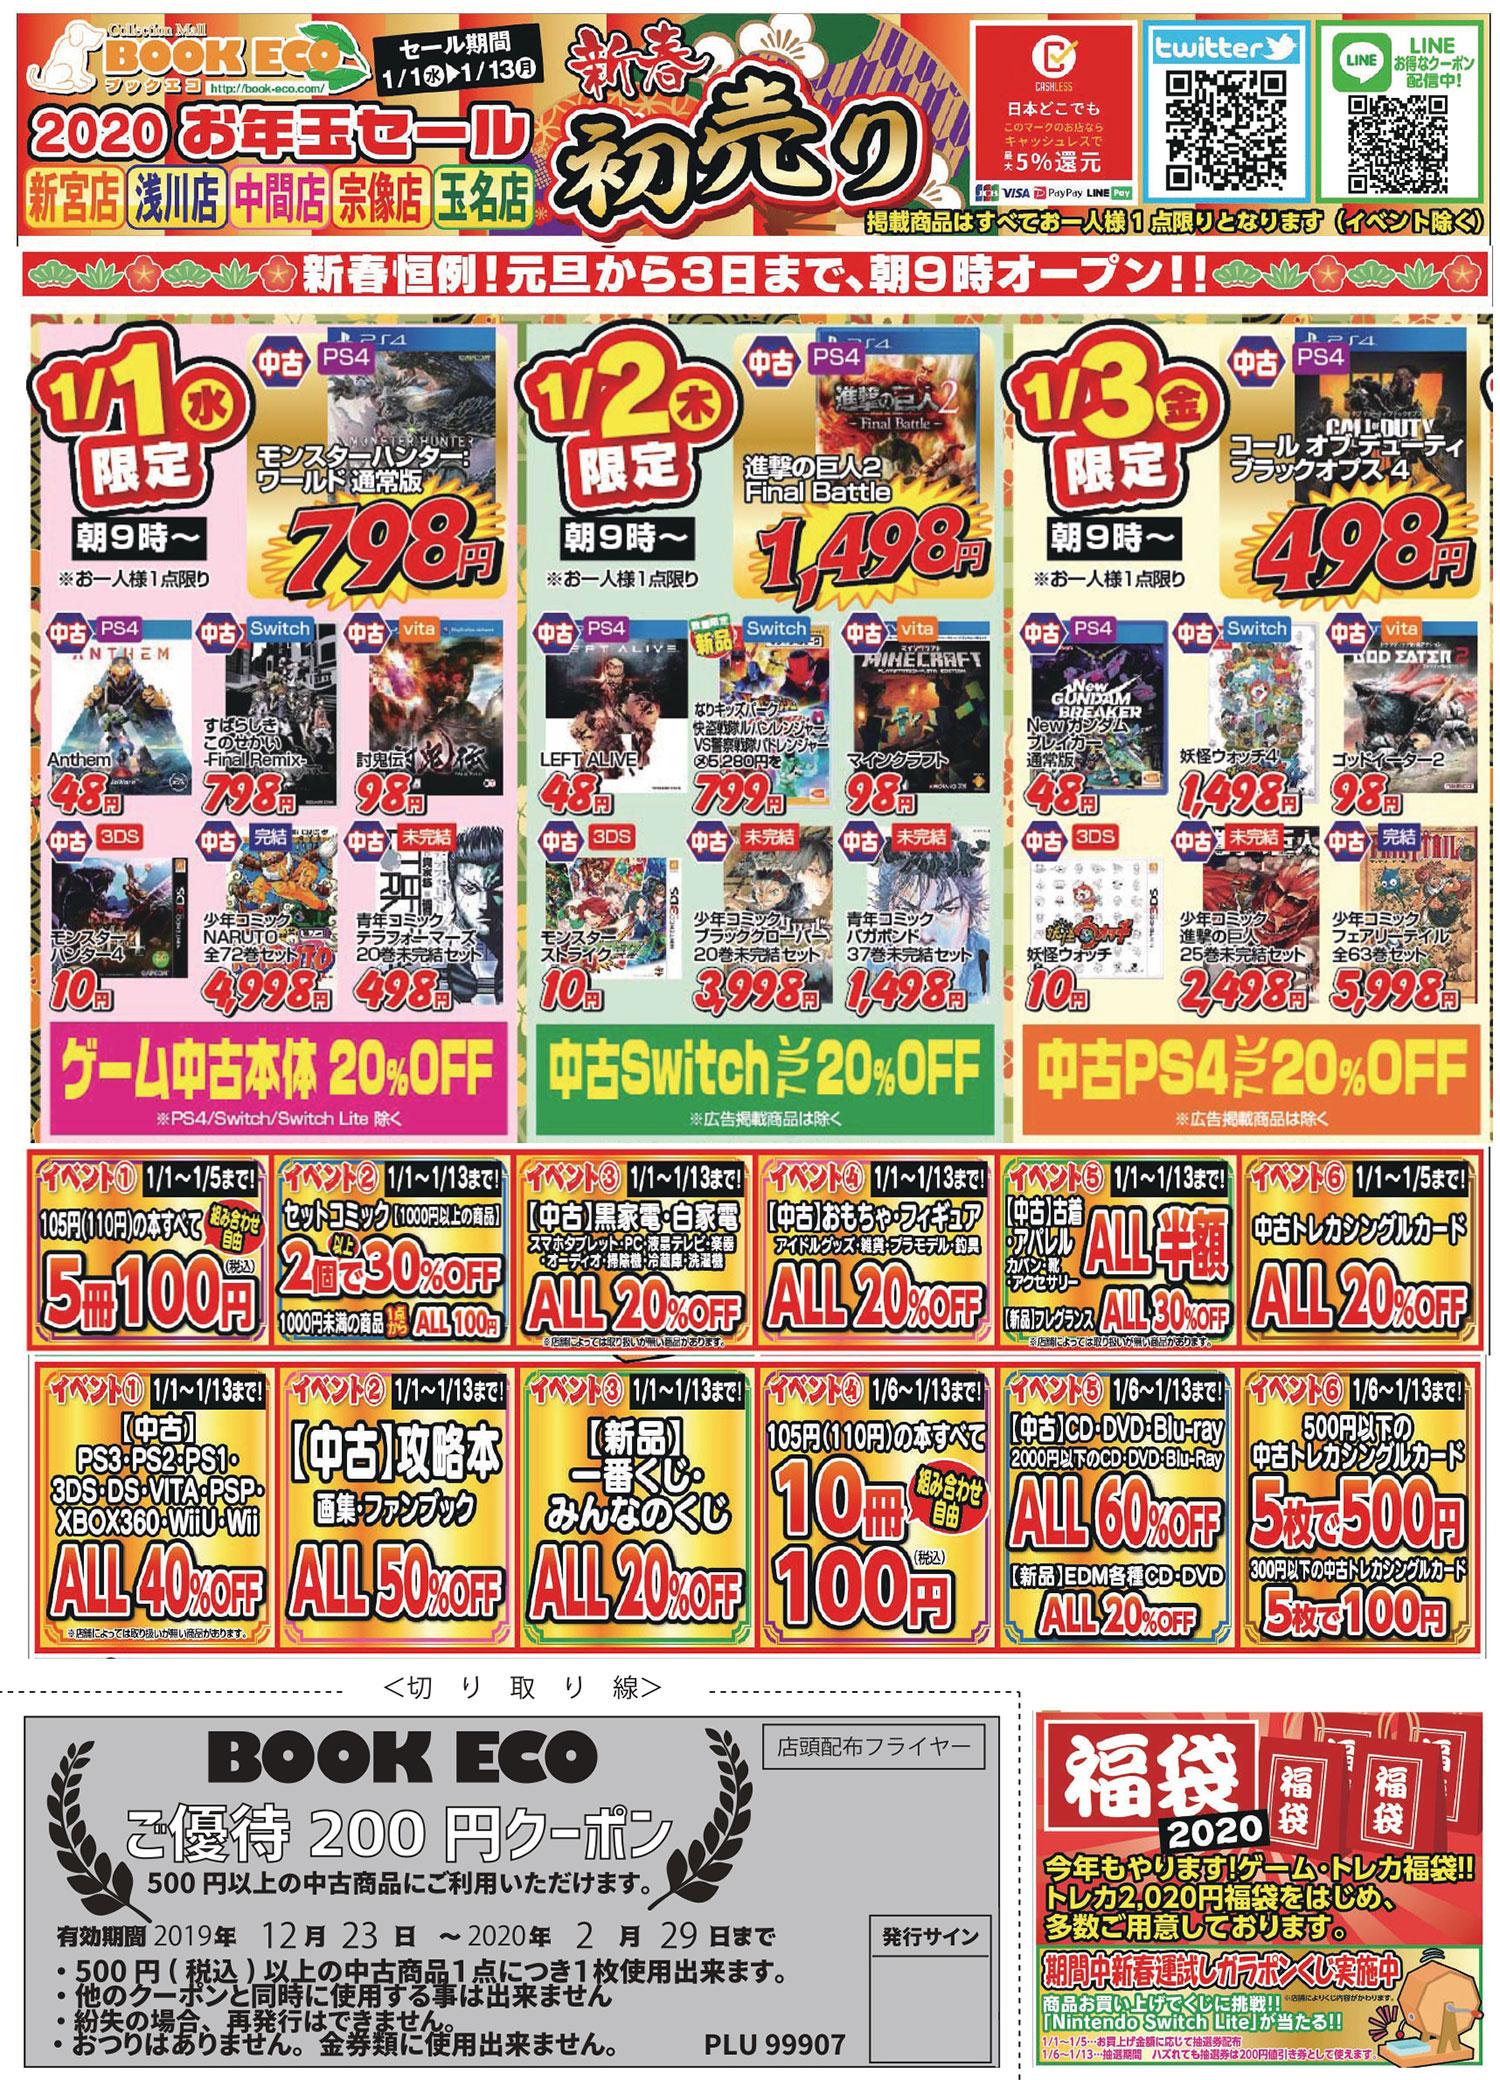 20200101digest - 【朗報】PS4の「アンセム」「レフトアライブ」「Newガンダム」が48円!【ダイソーより安い】